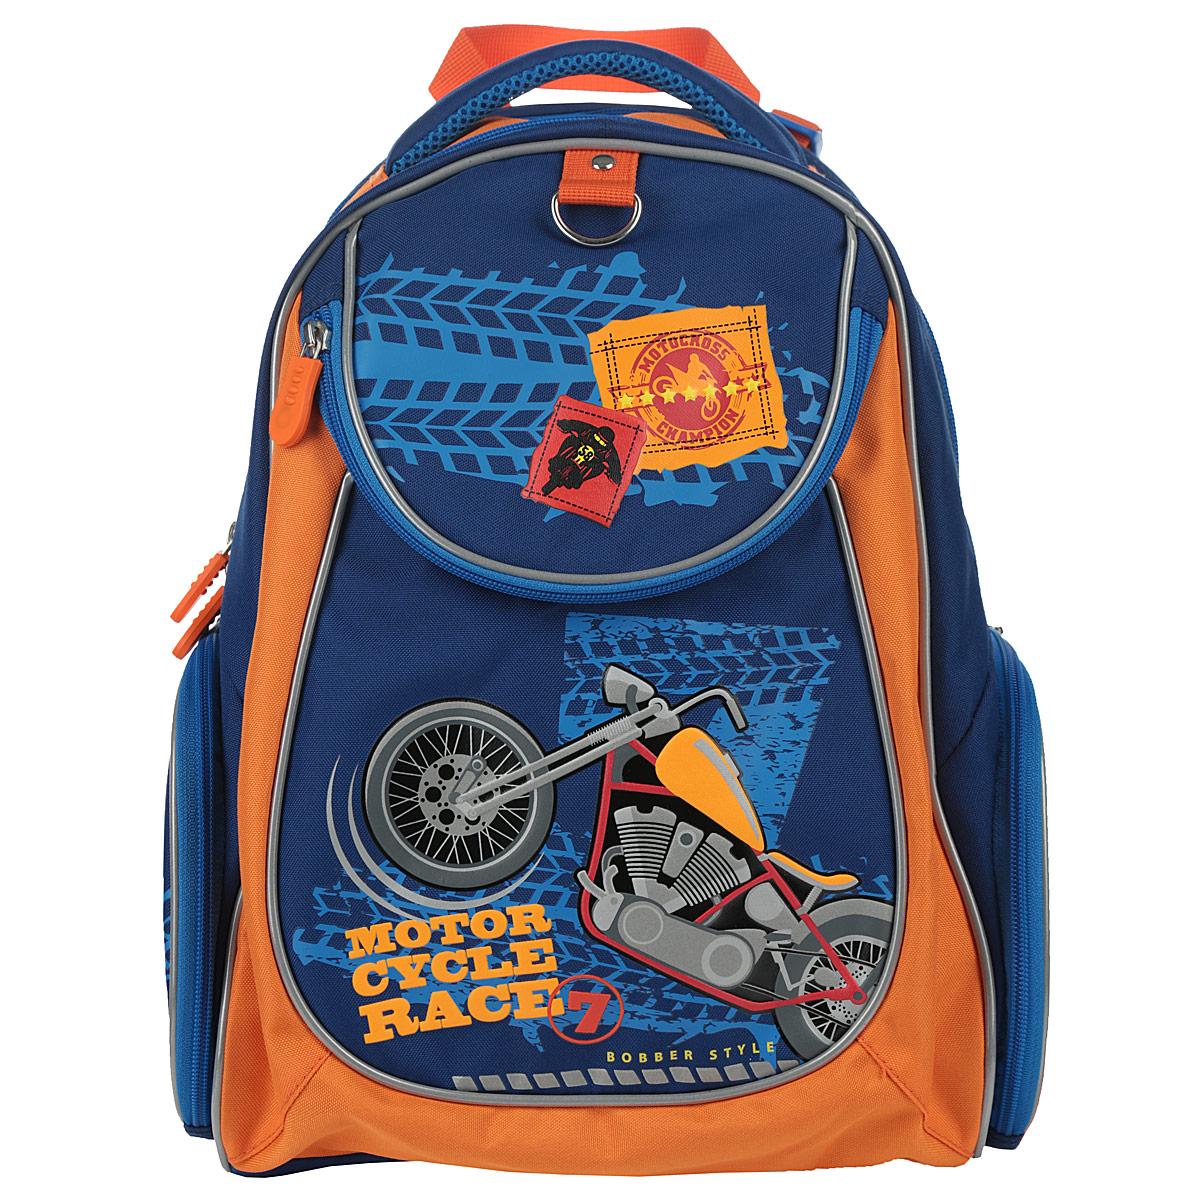 Рюкзак школьный Erich Krause Motorcycle, цвет: синий, оранжевый37048Школьный рюкзак Erich Krause Motorcycle станет надежным спутником в получении знаний. Рюкзак выполнен из прочного водостойкого полиэстера синего цвета и оформлен объемной аппликацией в виде мотоцикла. Рюкзак состоит из двух вместительных отделений, закрывающихся на застежки-молнии с двумя бегунками. Одно из отделений содержит кармашек для мелочей на застежке-молнии. В другом находятся большой и три маленьких кармашка без застежек, кармашек на застежке-молнии, карман для мобильного телефона с клапаном на липучке и два фиксатора для пишущих принадлежностей. На лицевой стороне рюкзака расположен глубокий карман на застежке-молнии. По бокам находятся два внешних накладных кармана, закрывающихся также на застежку-молнию. Конструкция ортопедической спинки рюкзака разработана по специальной технологии, позволяющей уменьшить нагрузку на спину. Рюкзак оснащен широкими мягкими лямками, регулируемыми по длине, которые равномерно распределяют нагрузку на плечевой...